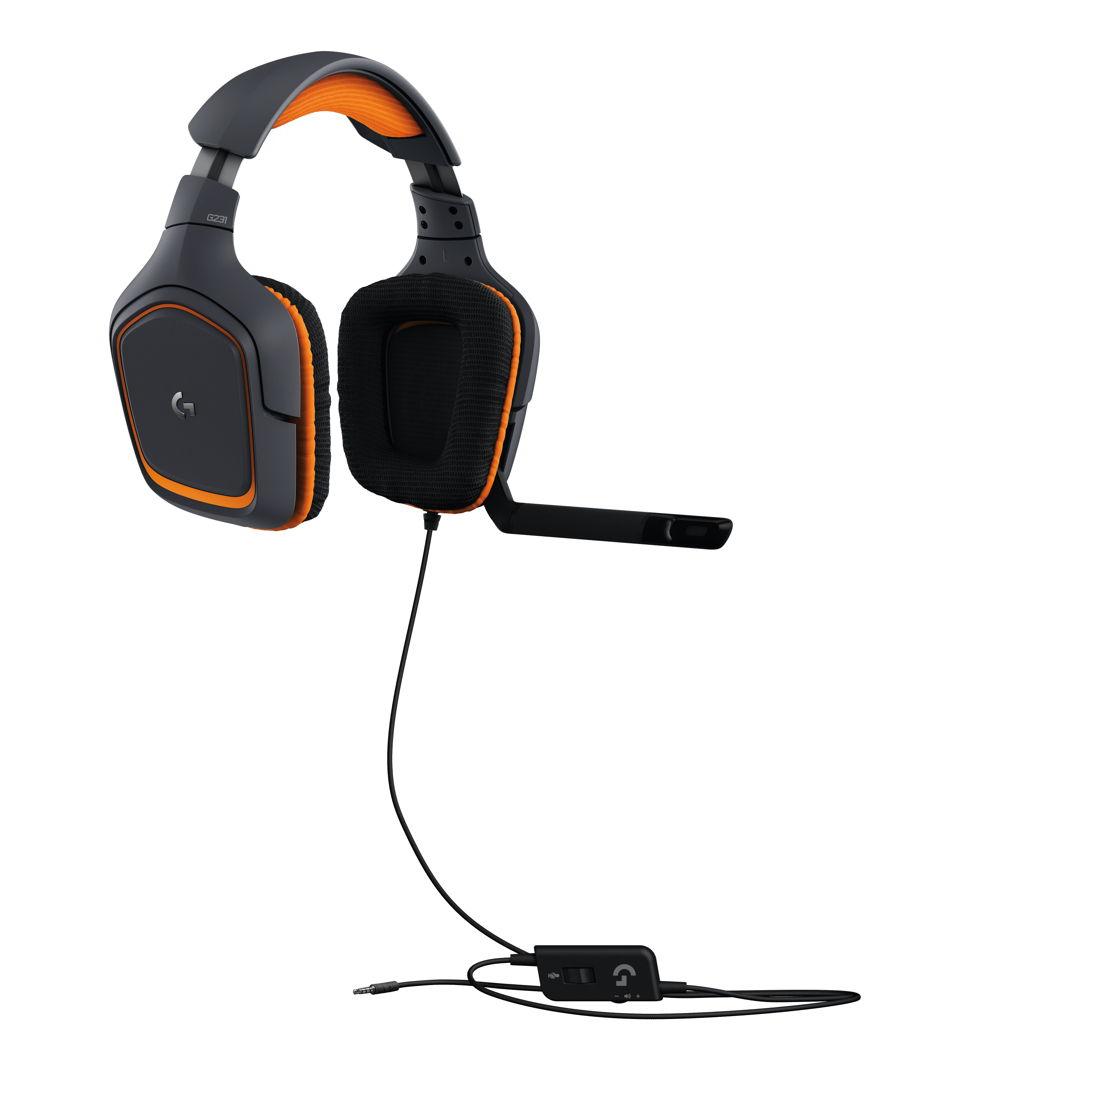 Auriculares con micrófono para juegos Logitech G213 Prodigy™